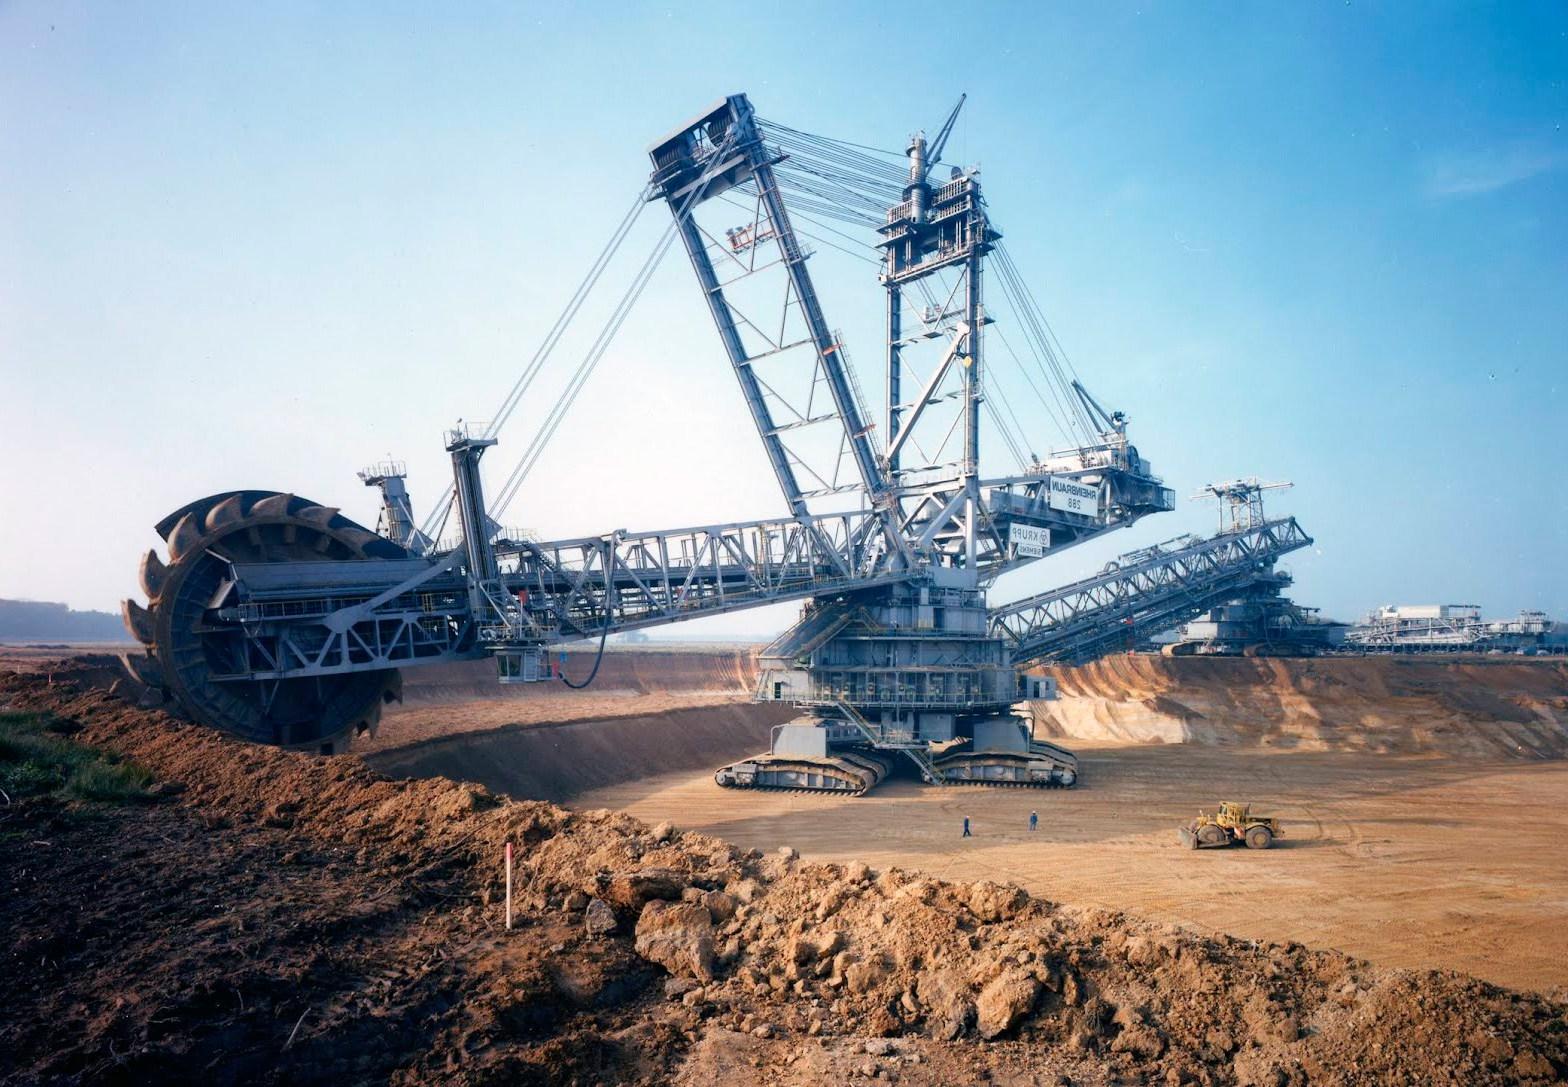 plus-gros-engins-de-chantier-au-monde-bagger-293